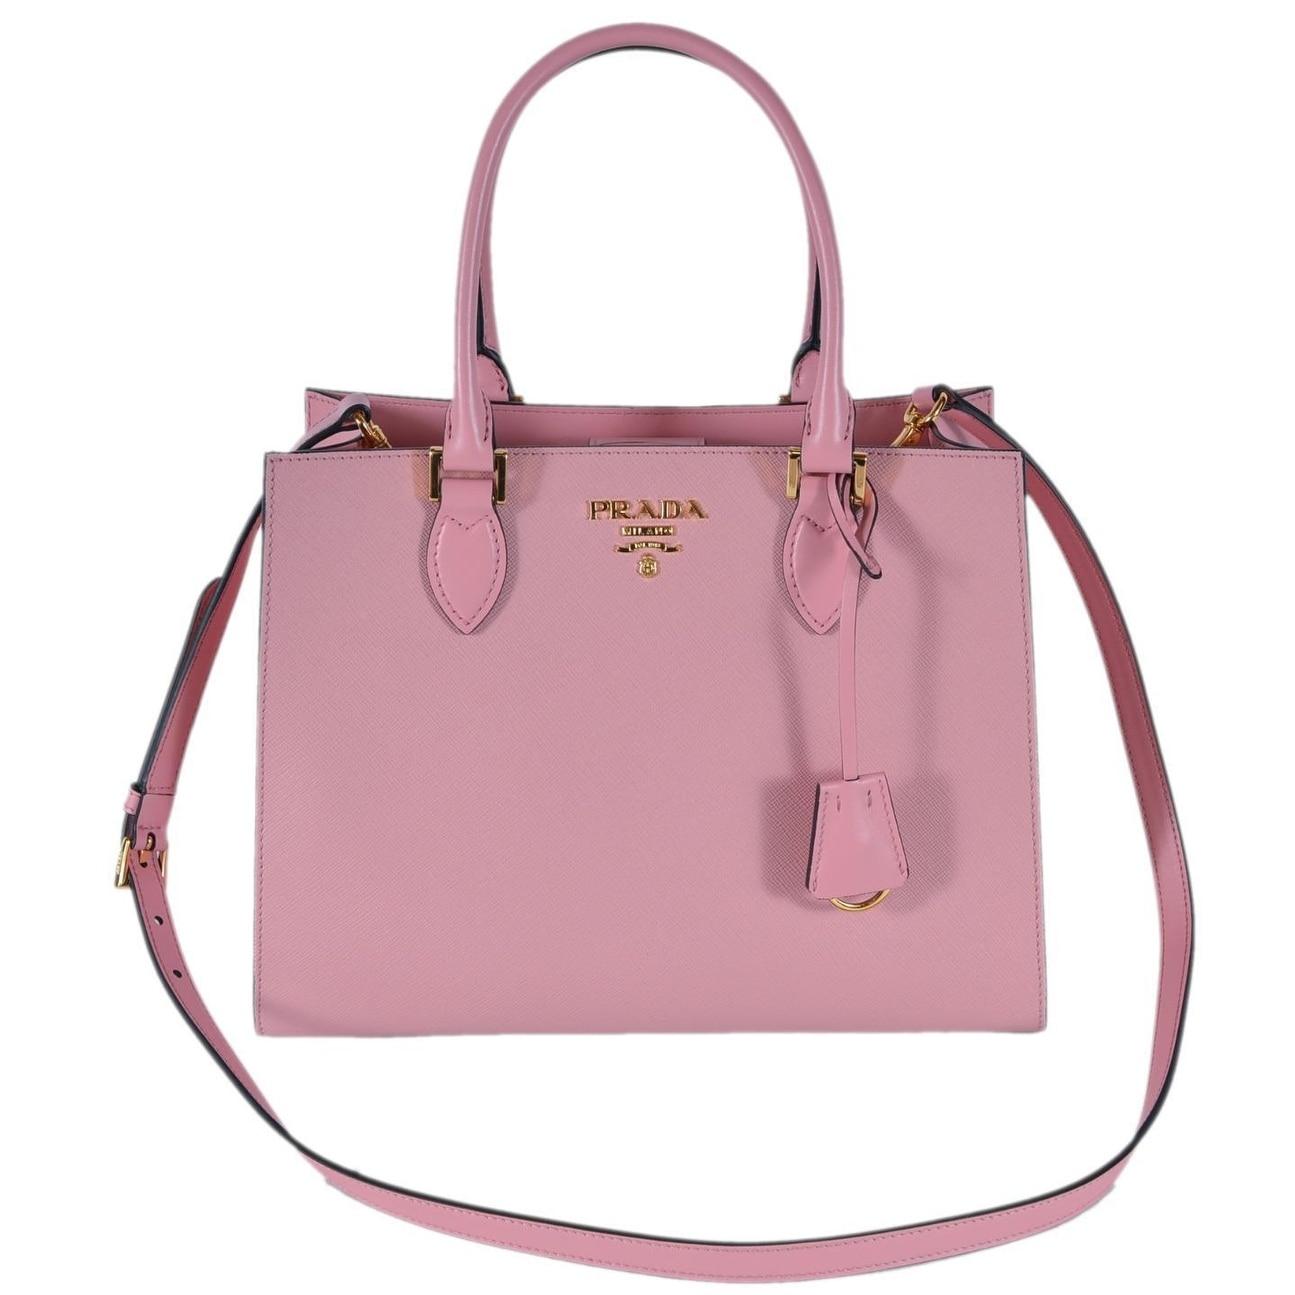 Shop Prada 1BA118 Petalo Pink Saffiano Leather Lux Convertible Purse  Handbag Tote - Free Shipping Today - Overstock - 25438309 a138abb448a89